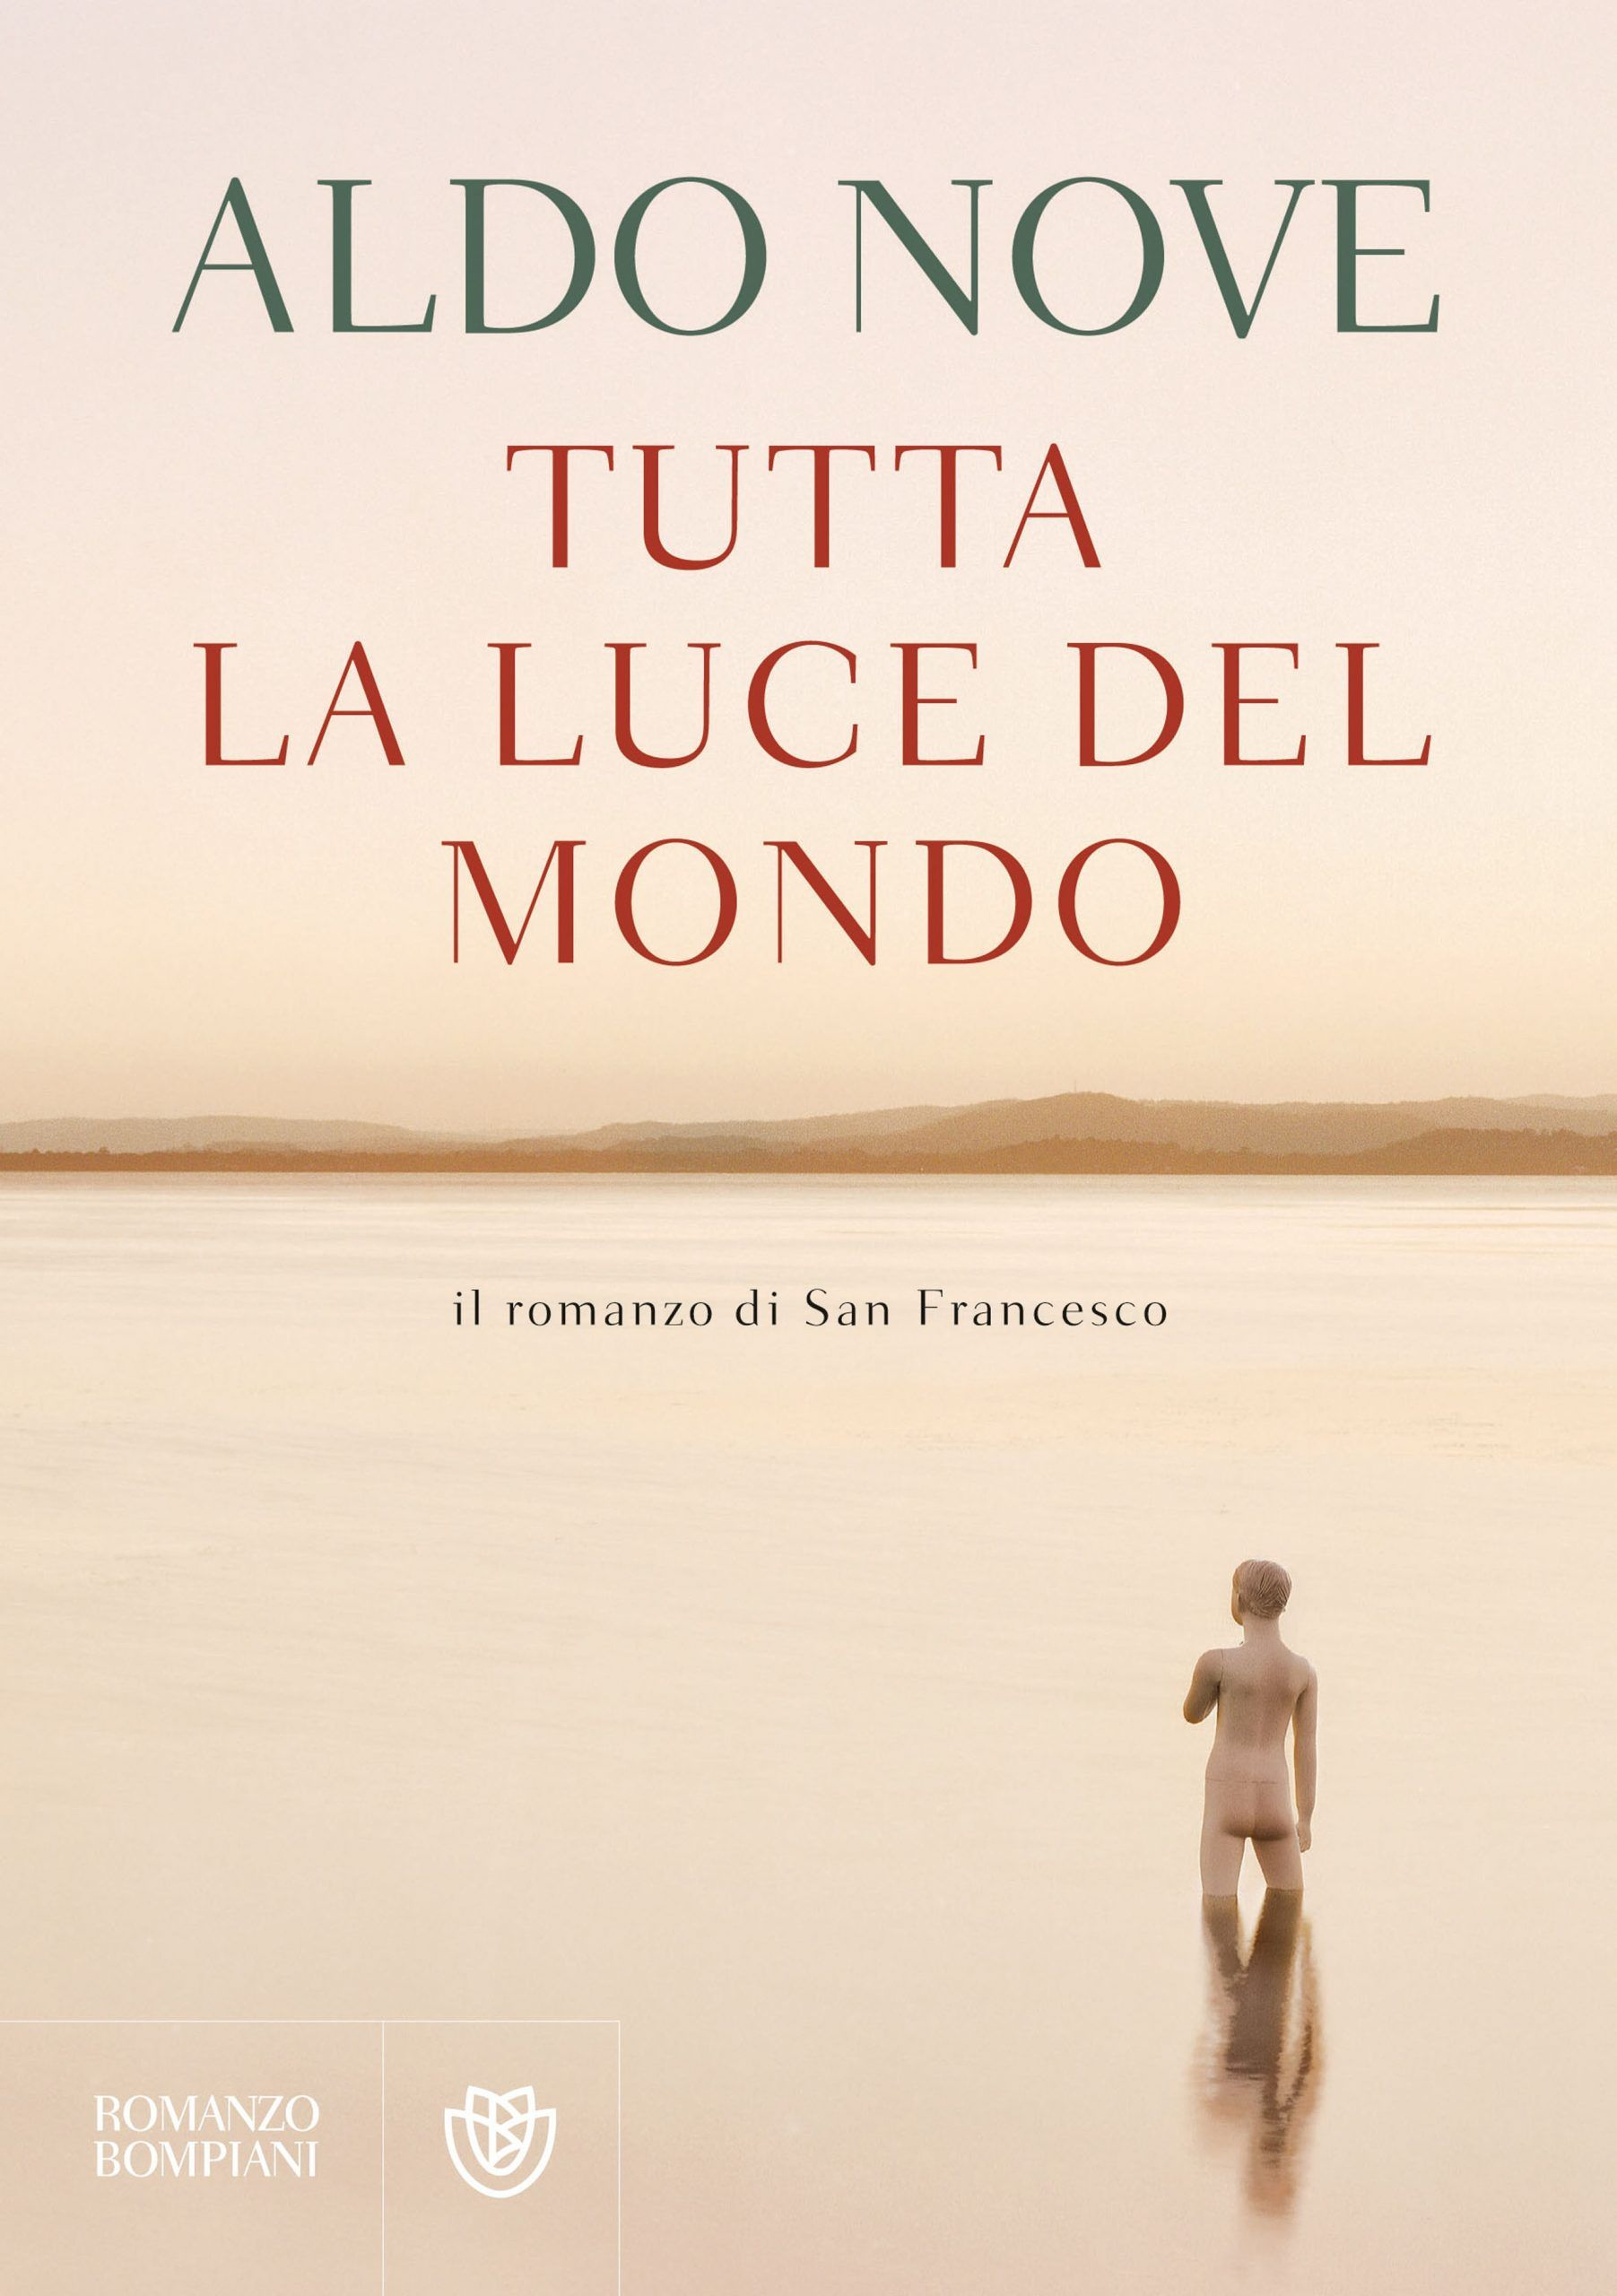 Tutta la luce del mondo, di Aldo Nove: il romanzo di San Francesco